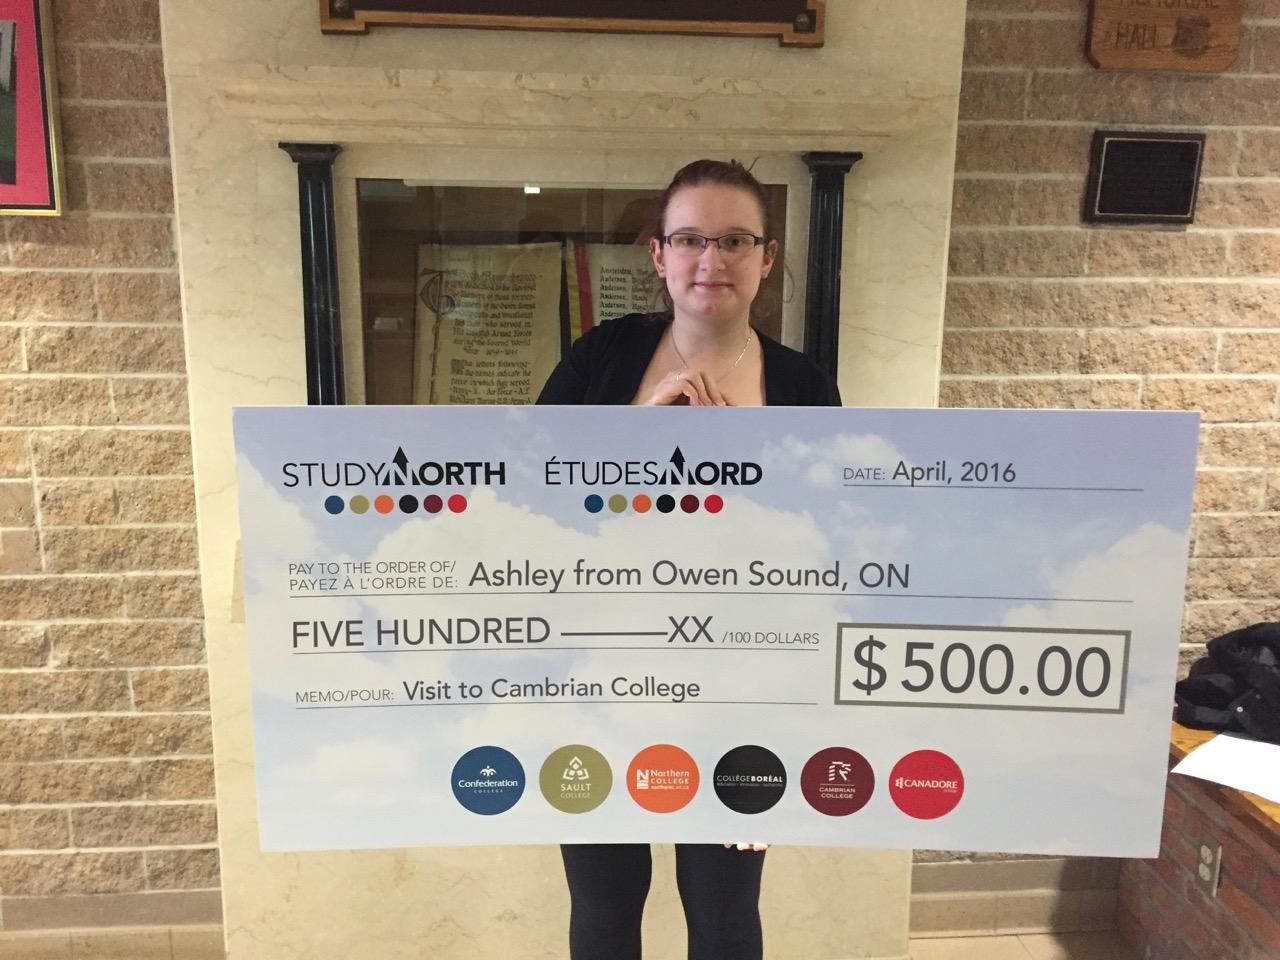 Ashley_OwenSound_cheque